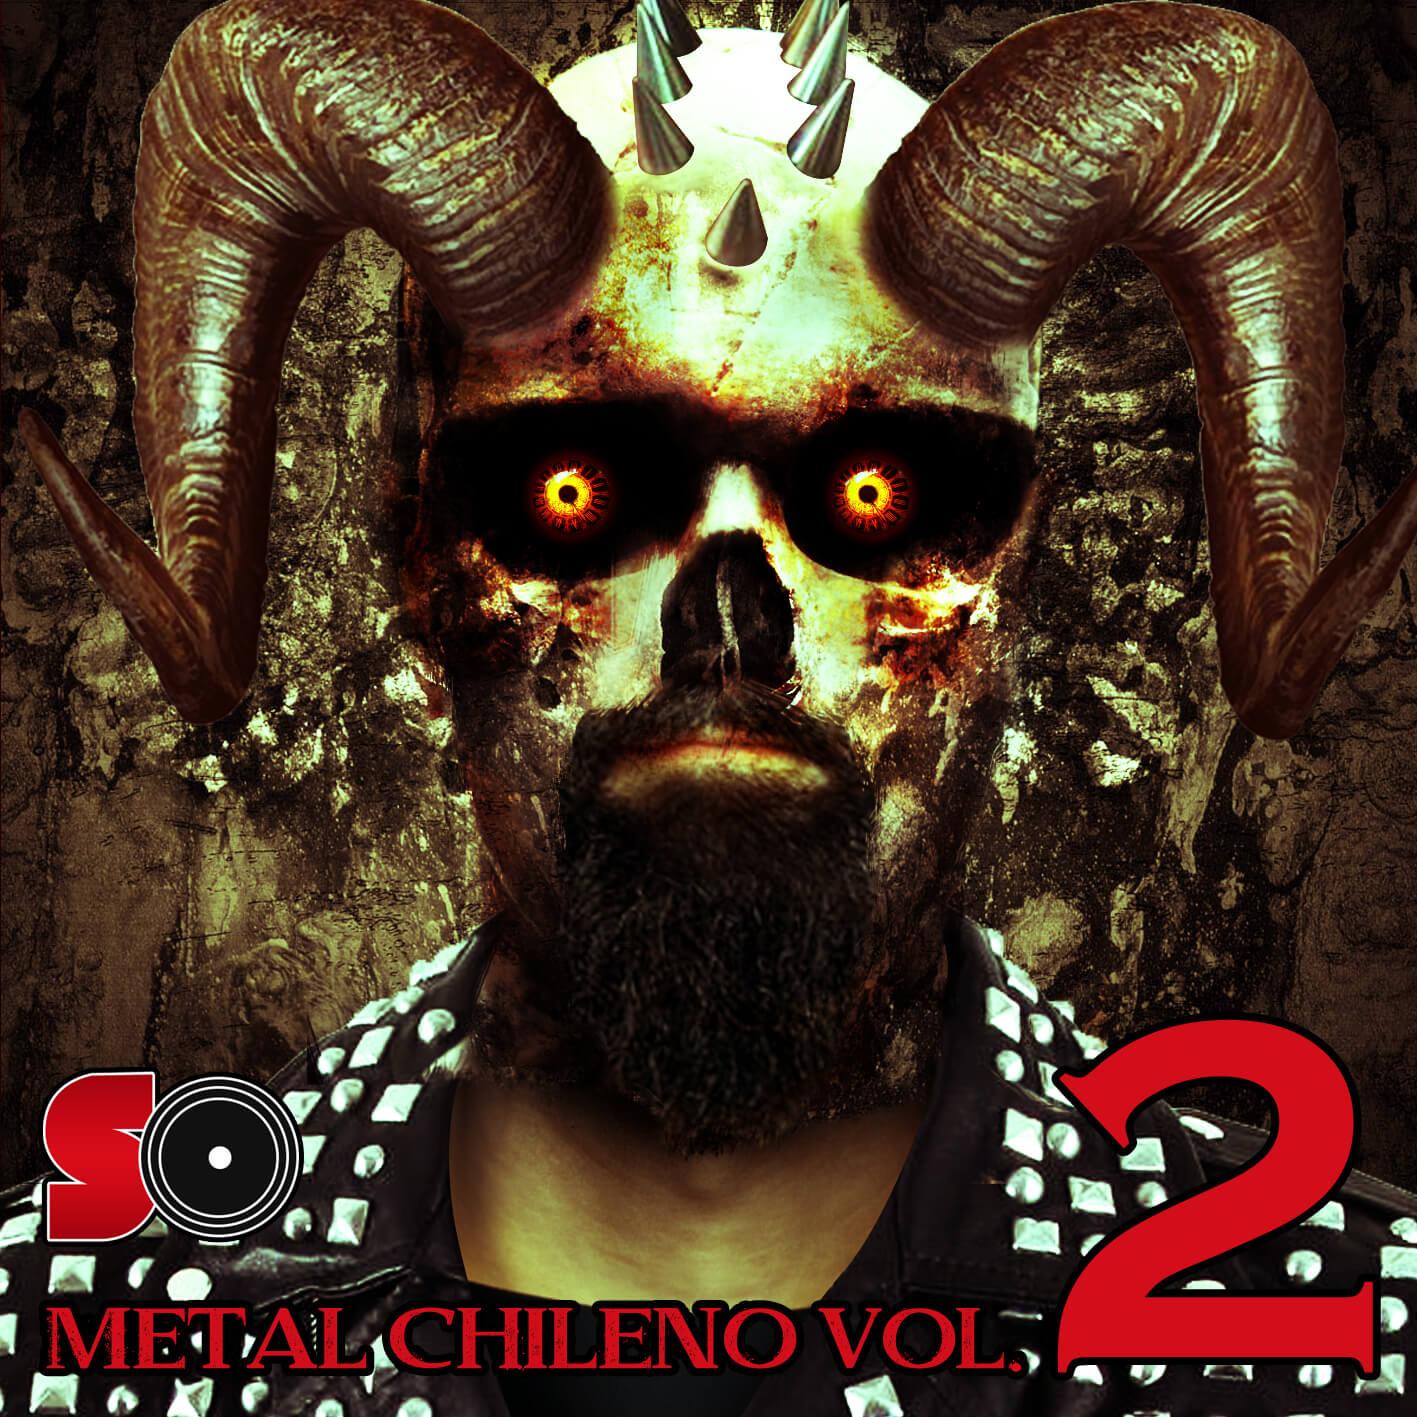 Metal Chileno Sonidos Ocultos Vol.2